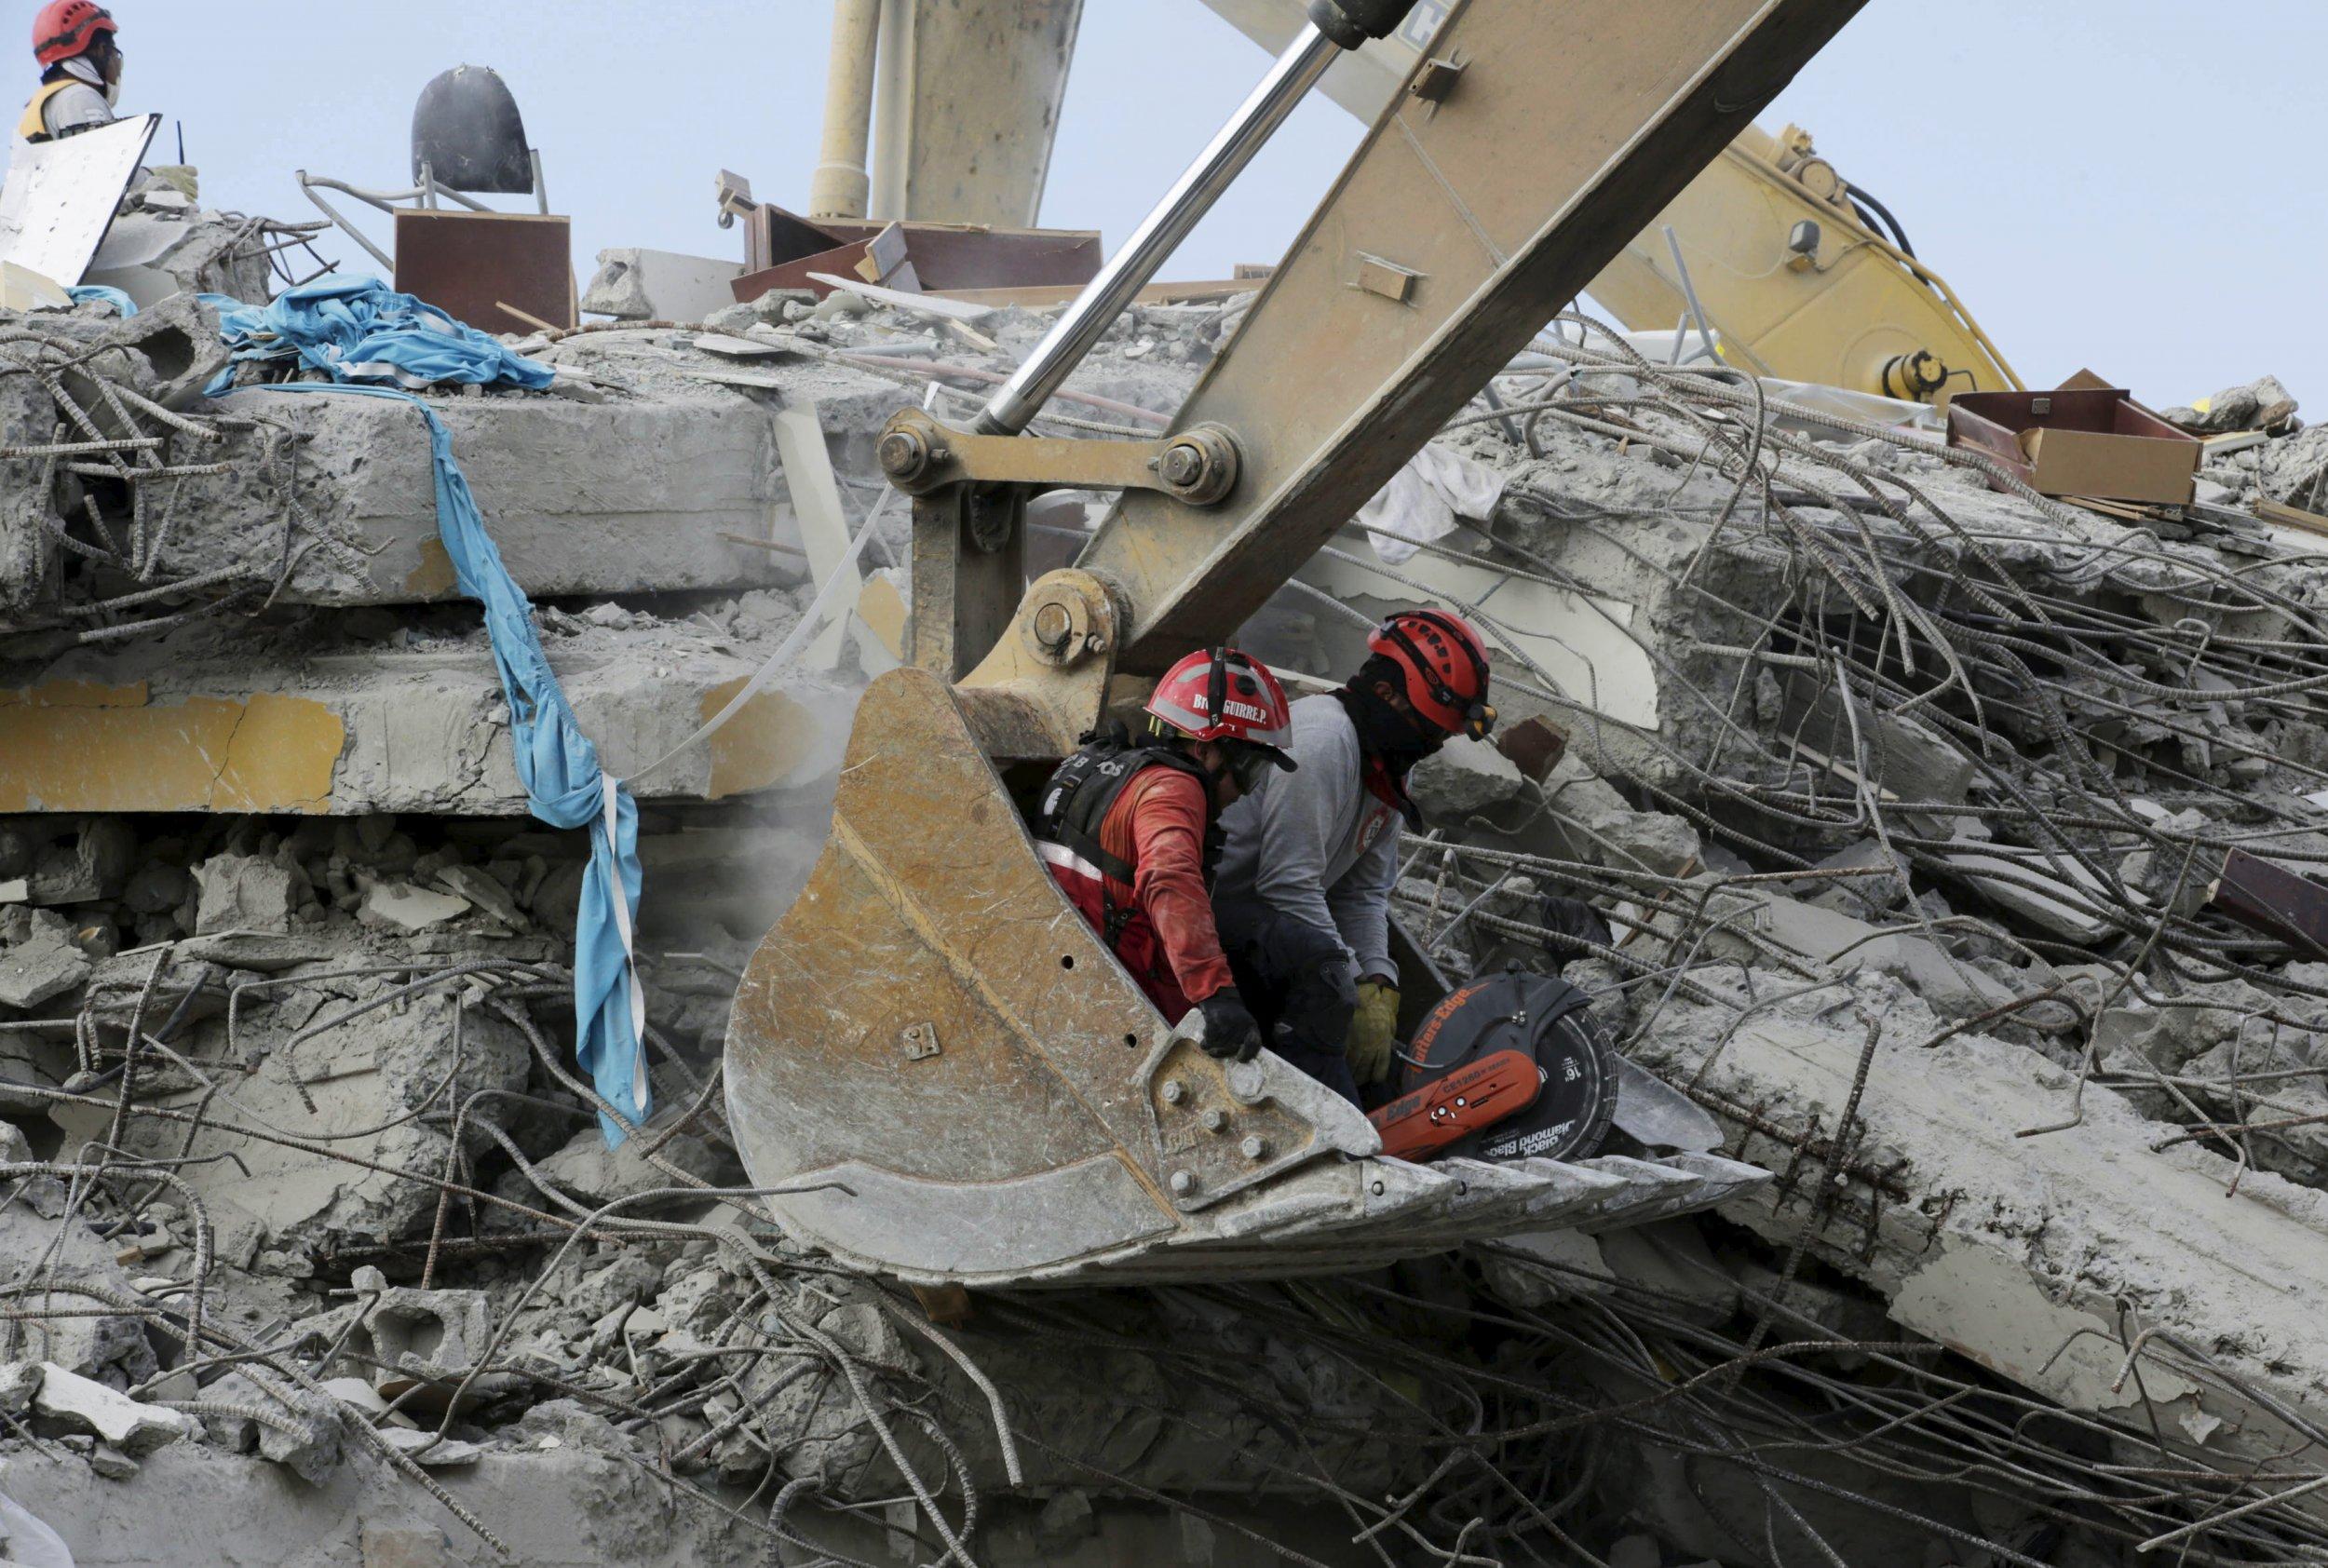 04_20_Ecuador_Quake_01